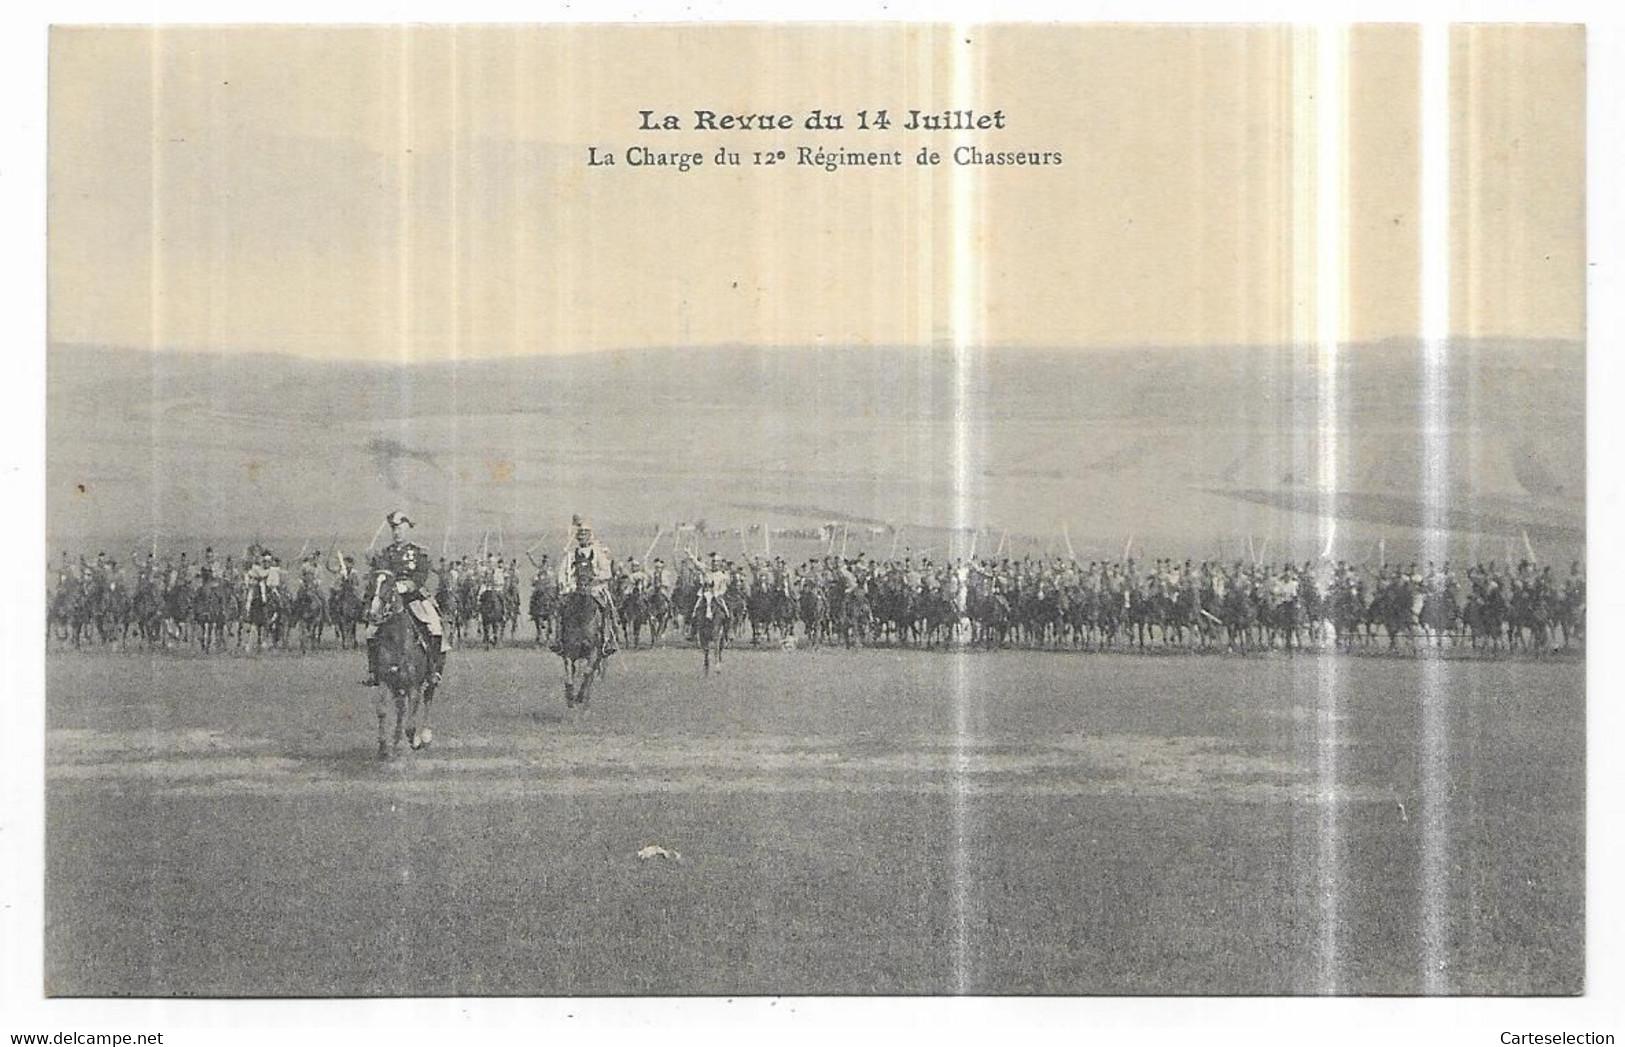 Saint Mihiel La Revue Du 14 Juillet La Charge Du 12° Régiment De Chasseurs - Saint Mihiel